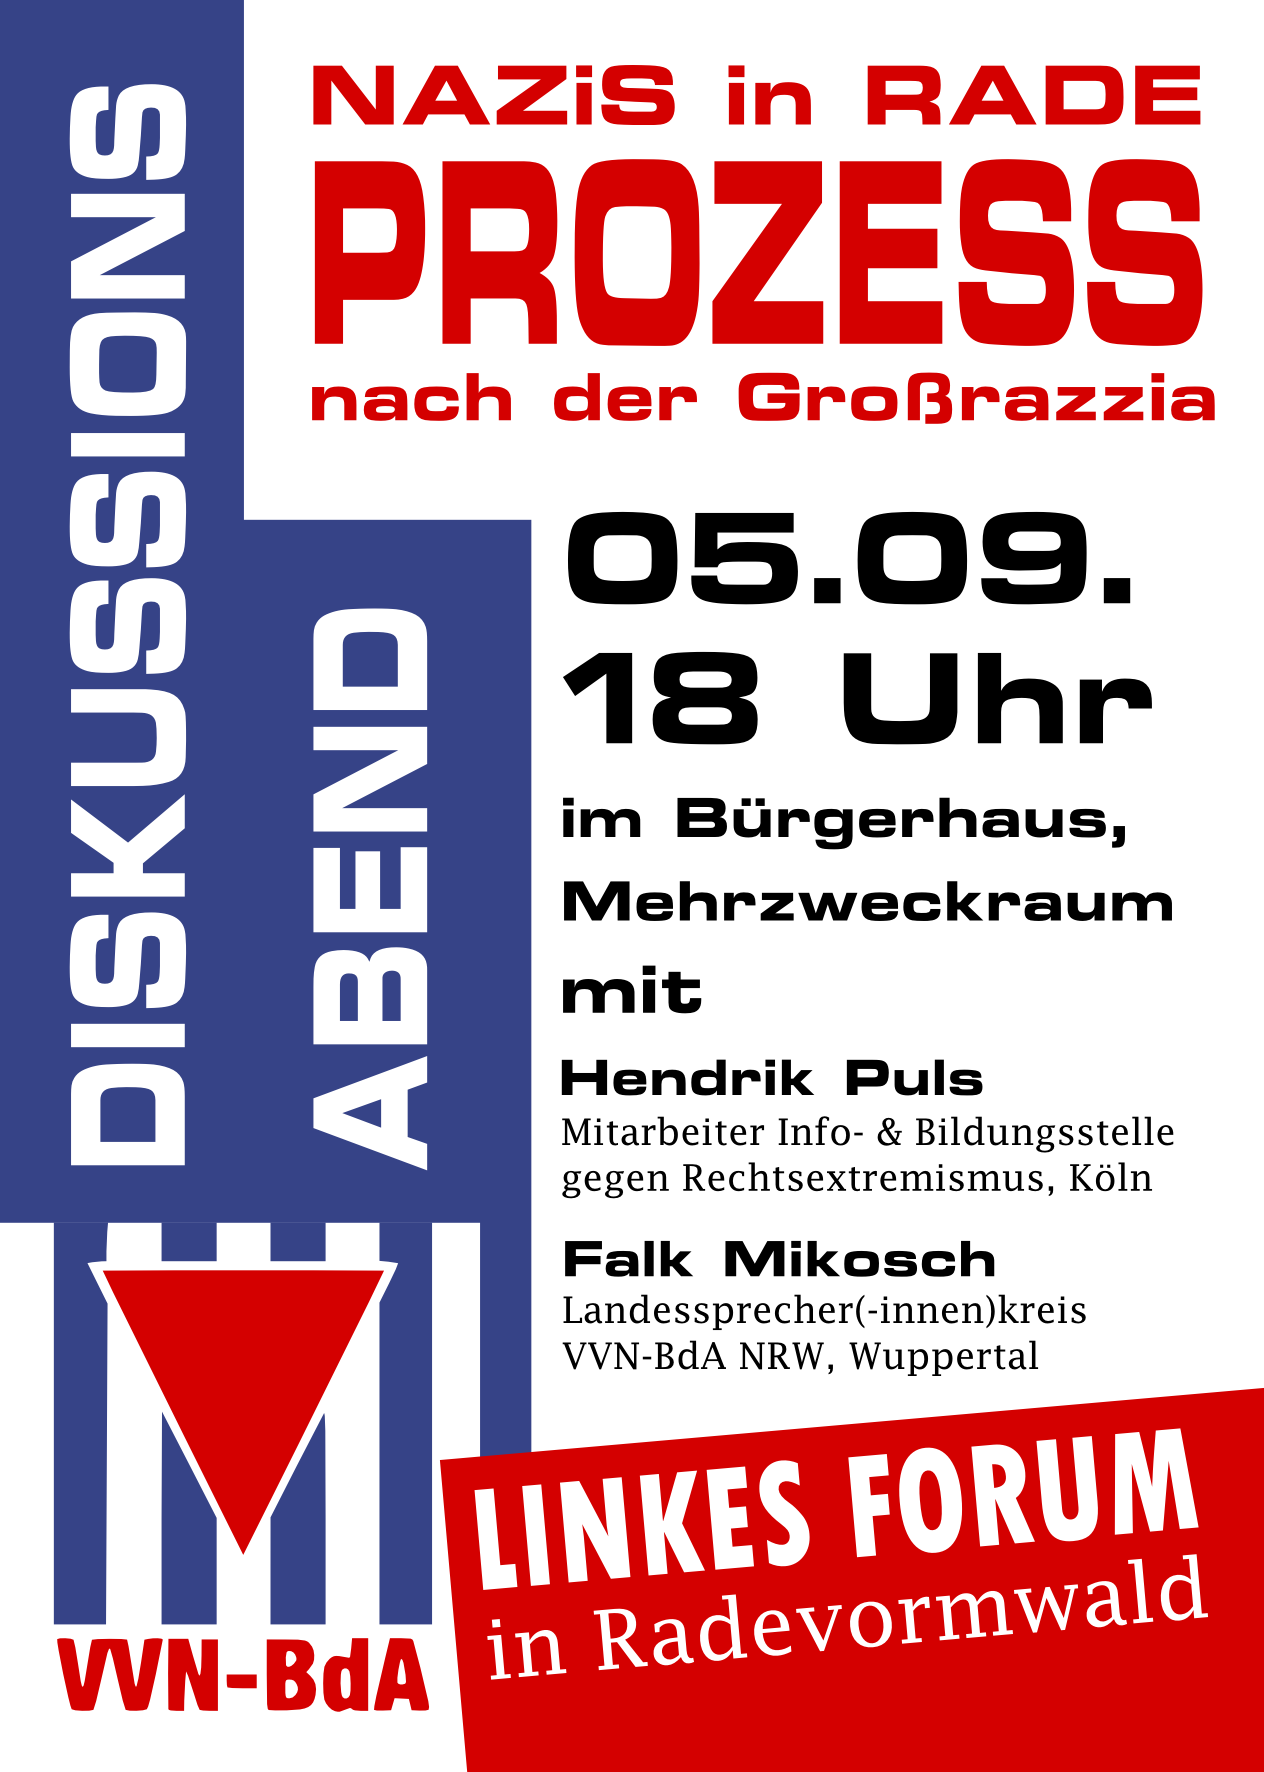 Flugblatt_Nazis-in-Rade_13-09-05